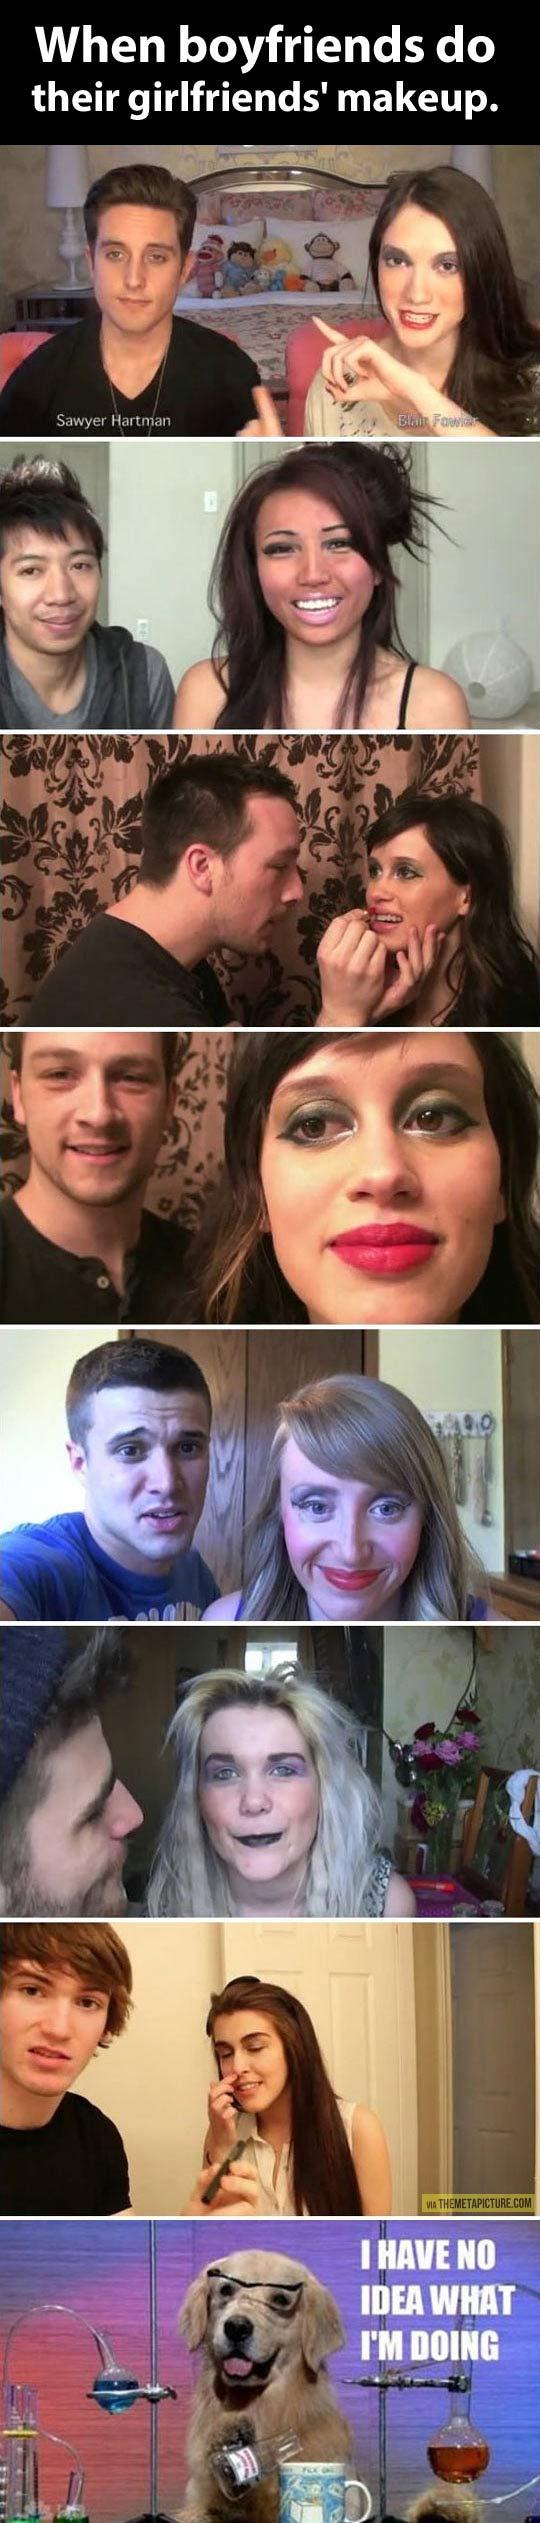 When boyfriends do their girl's makeup…